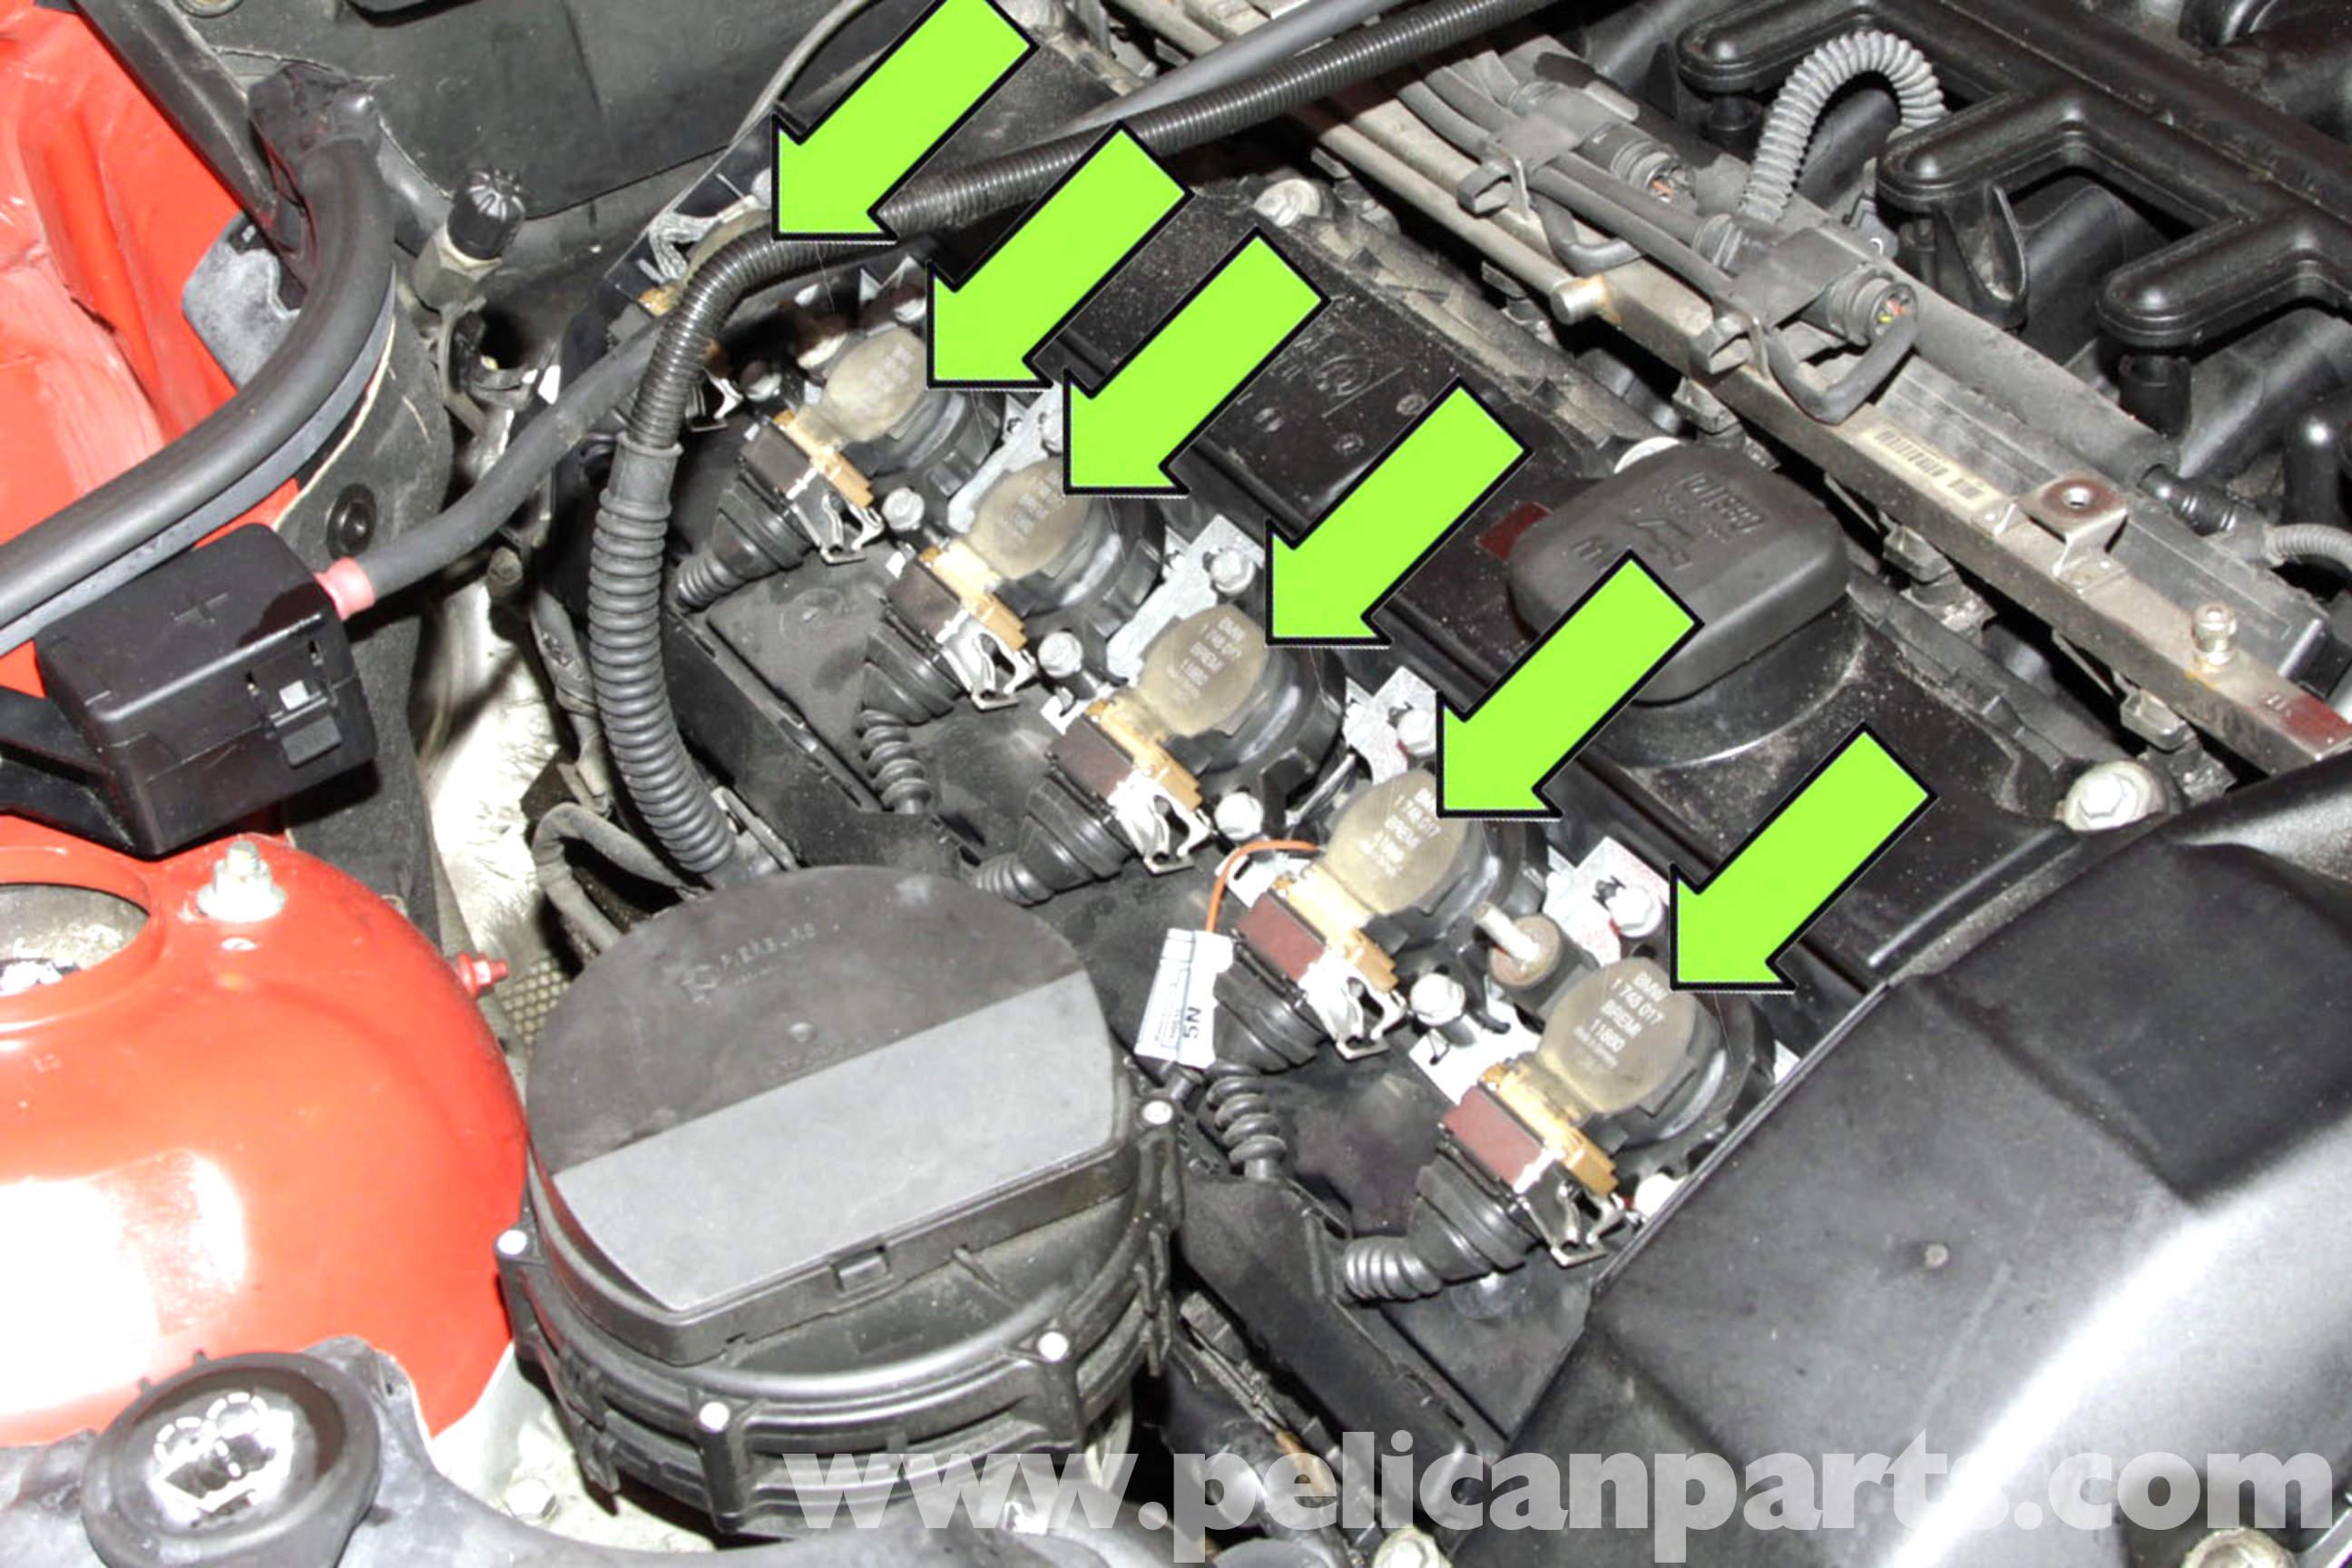 I Fuse Diagram Bmw E46 Engine Management System Bmw 325i 2001 2005